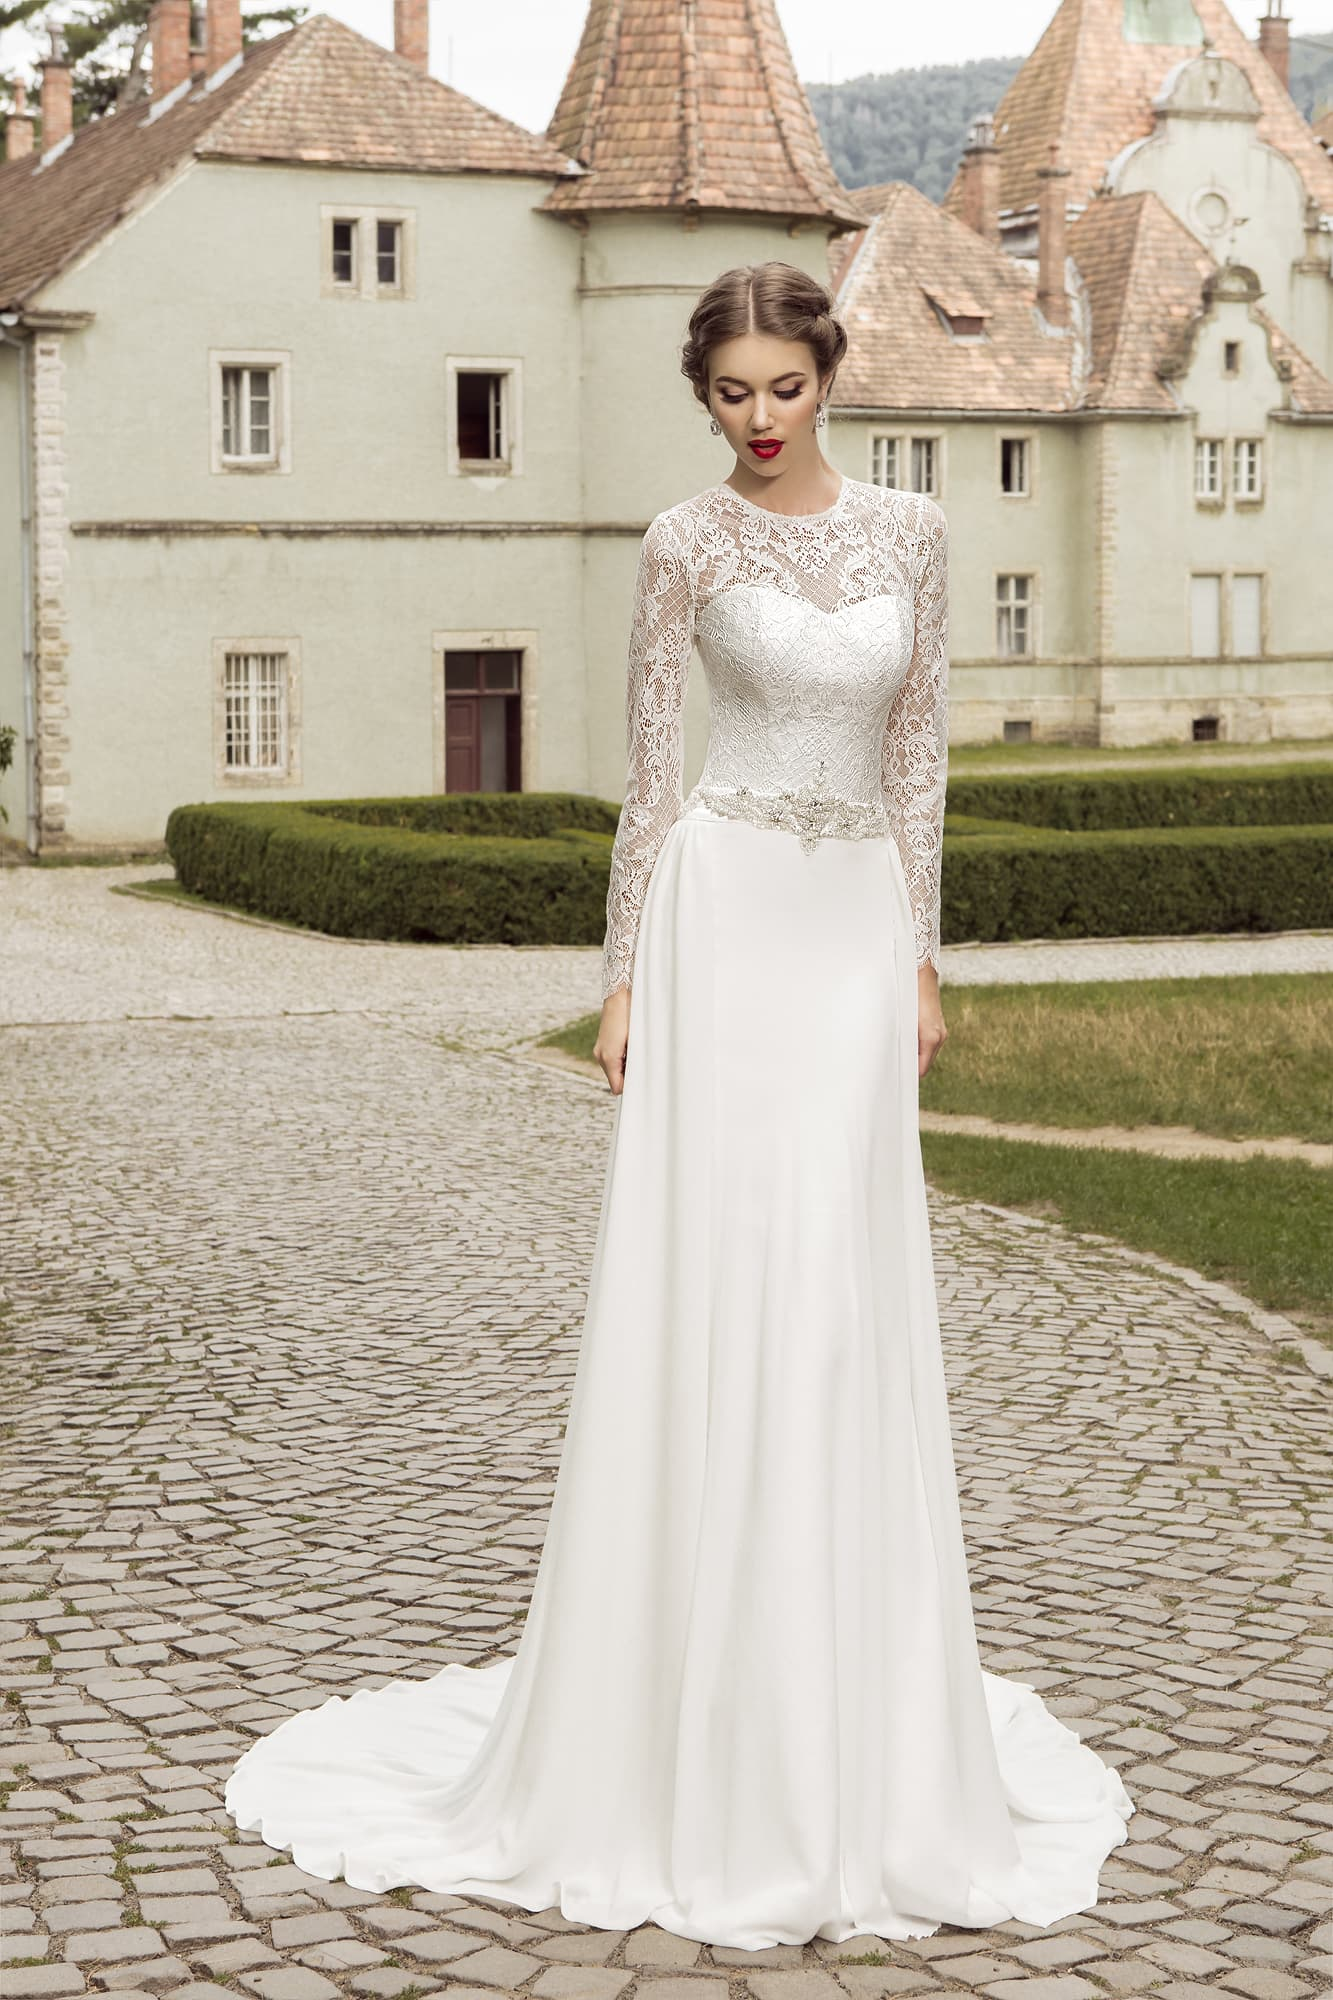 80038482d1a Прямое свадебное платье с элегантным закрытым верхом с длинным рукавом.